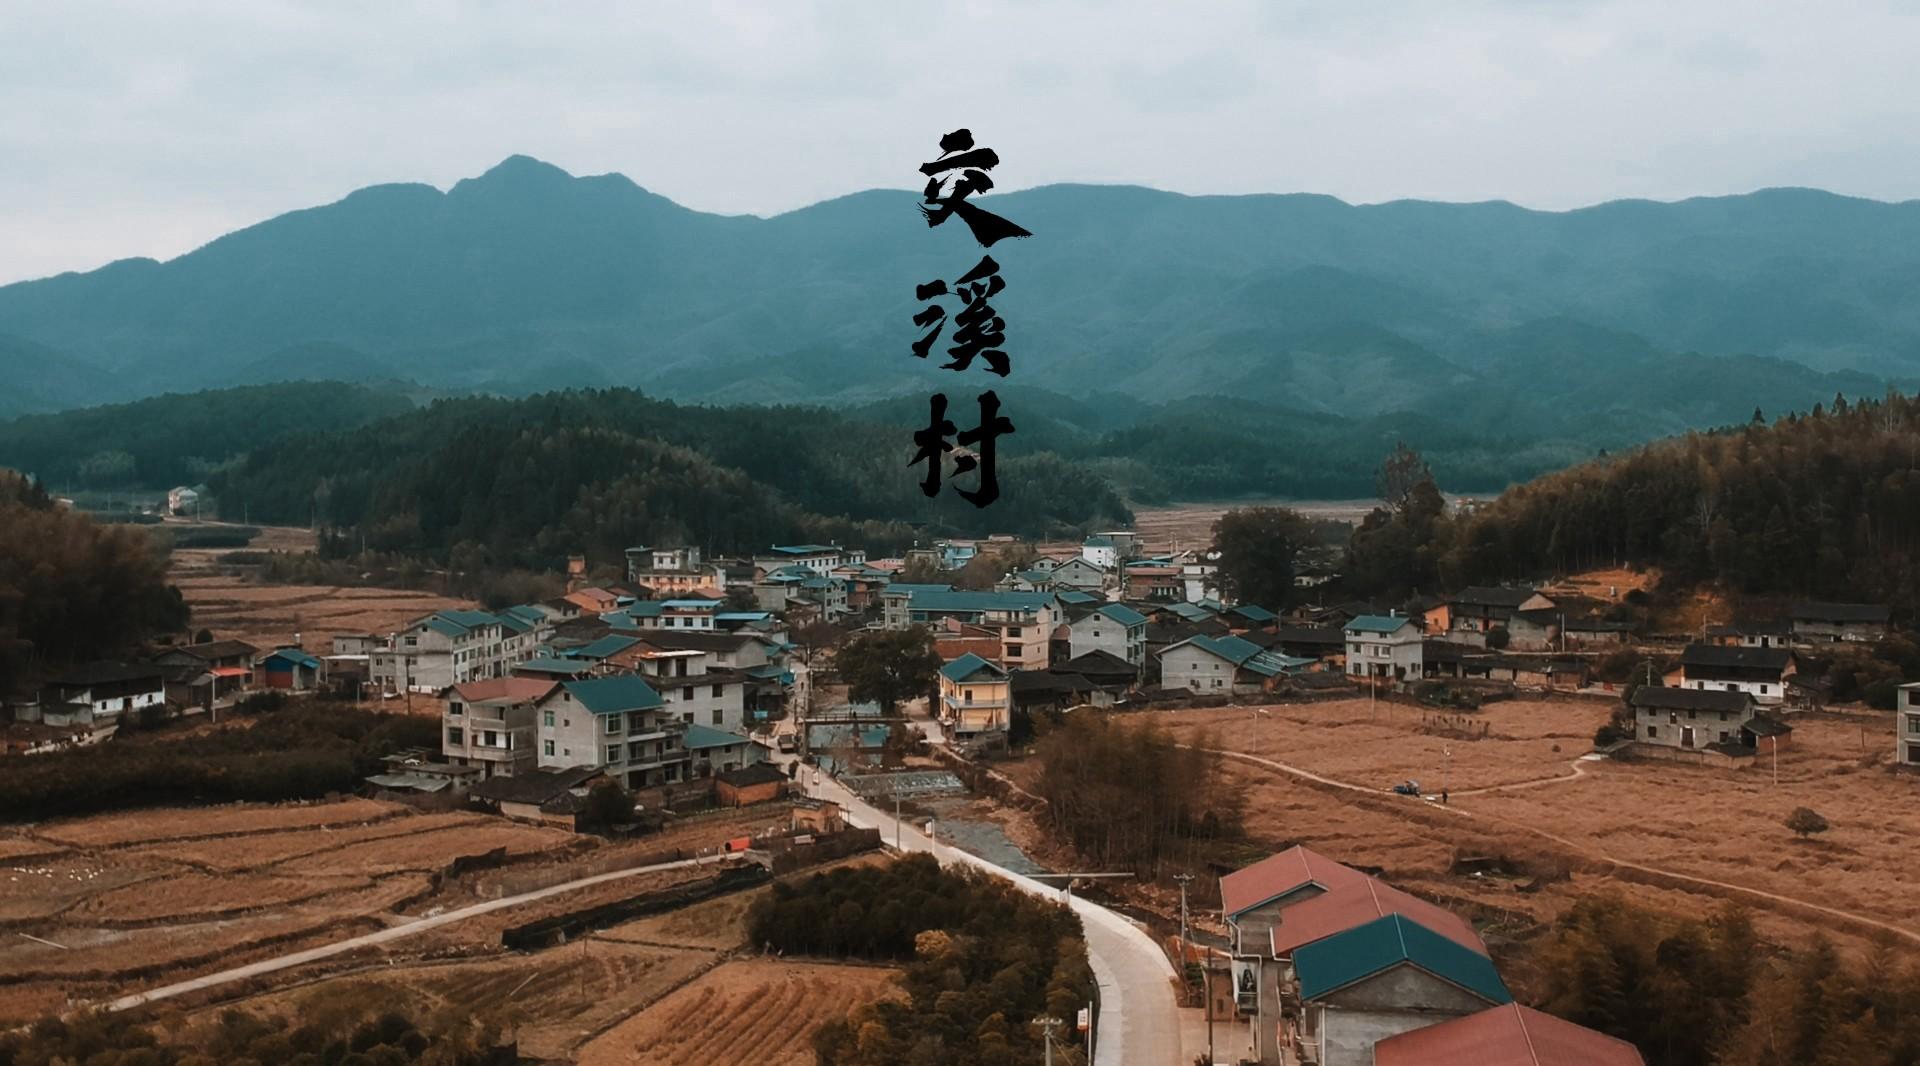 中国乡村纪实行-麻沙交溪村